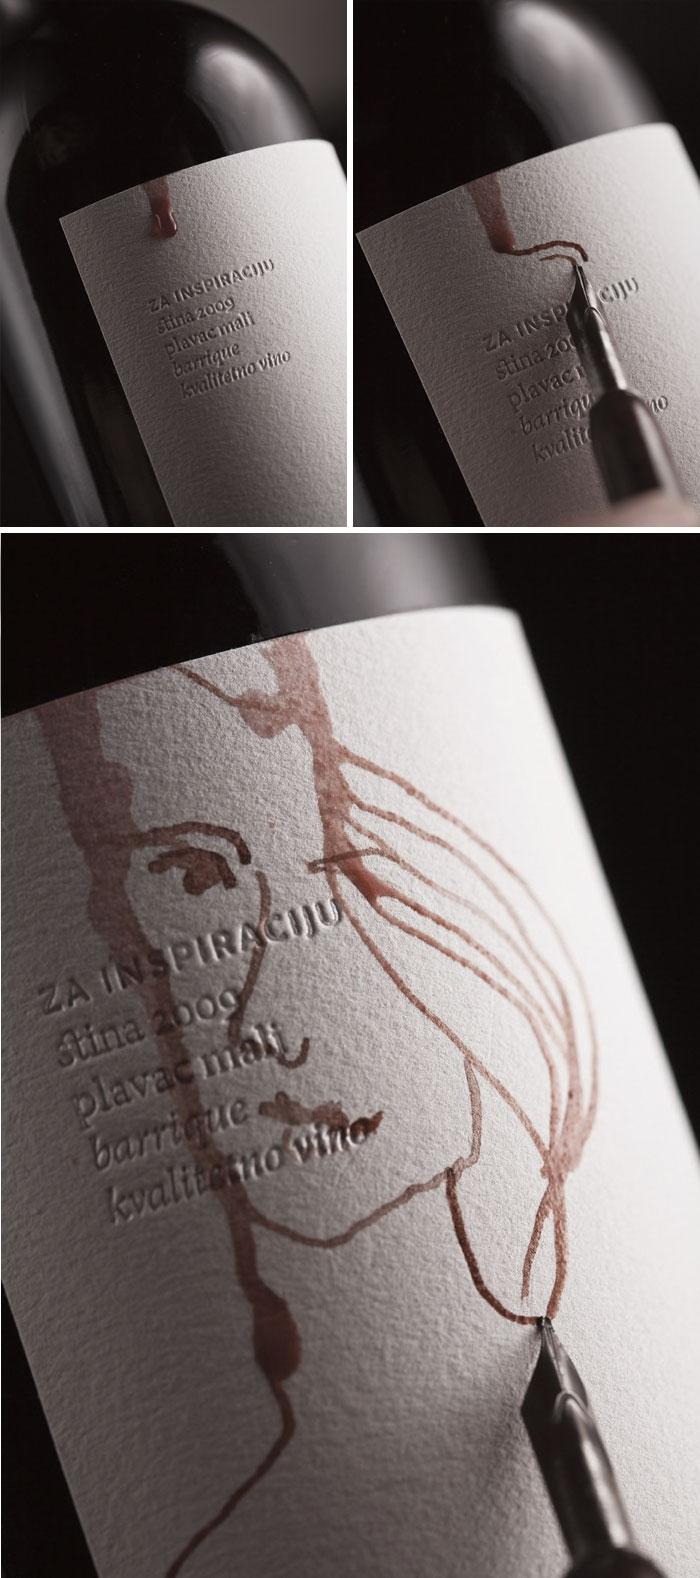 84. Бутылка вина с этикеткой, на которой можно рисовать